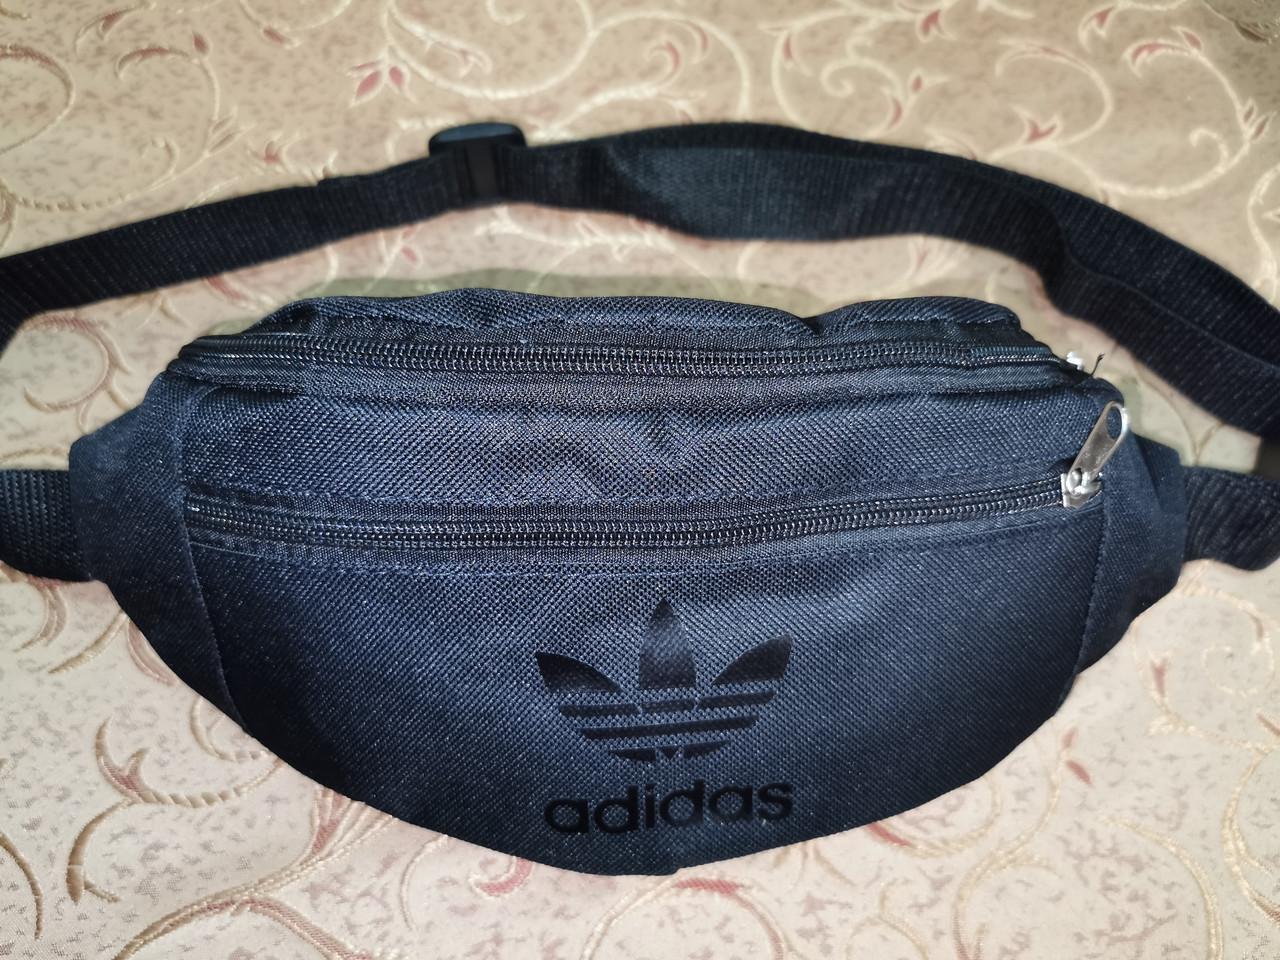 (13*30Cпортивные сумка на пояс adidas барсетки сумка женский и мужские пояс Бананка опт